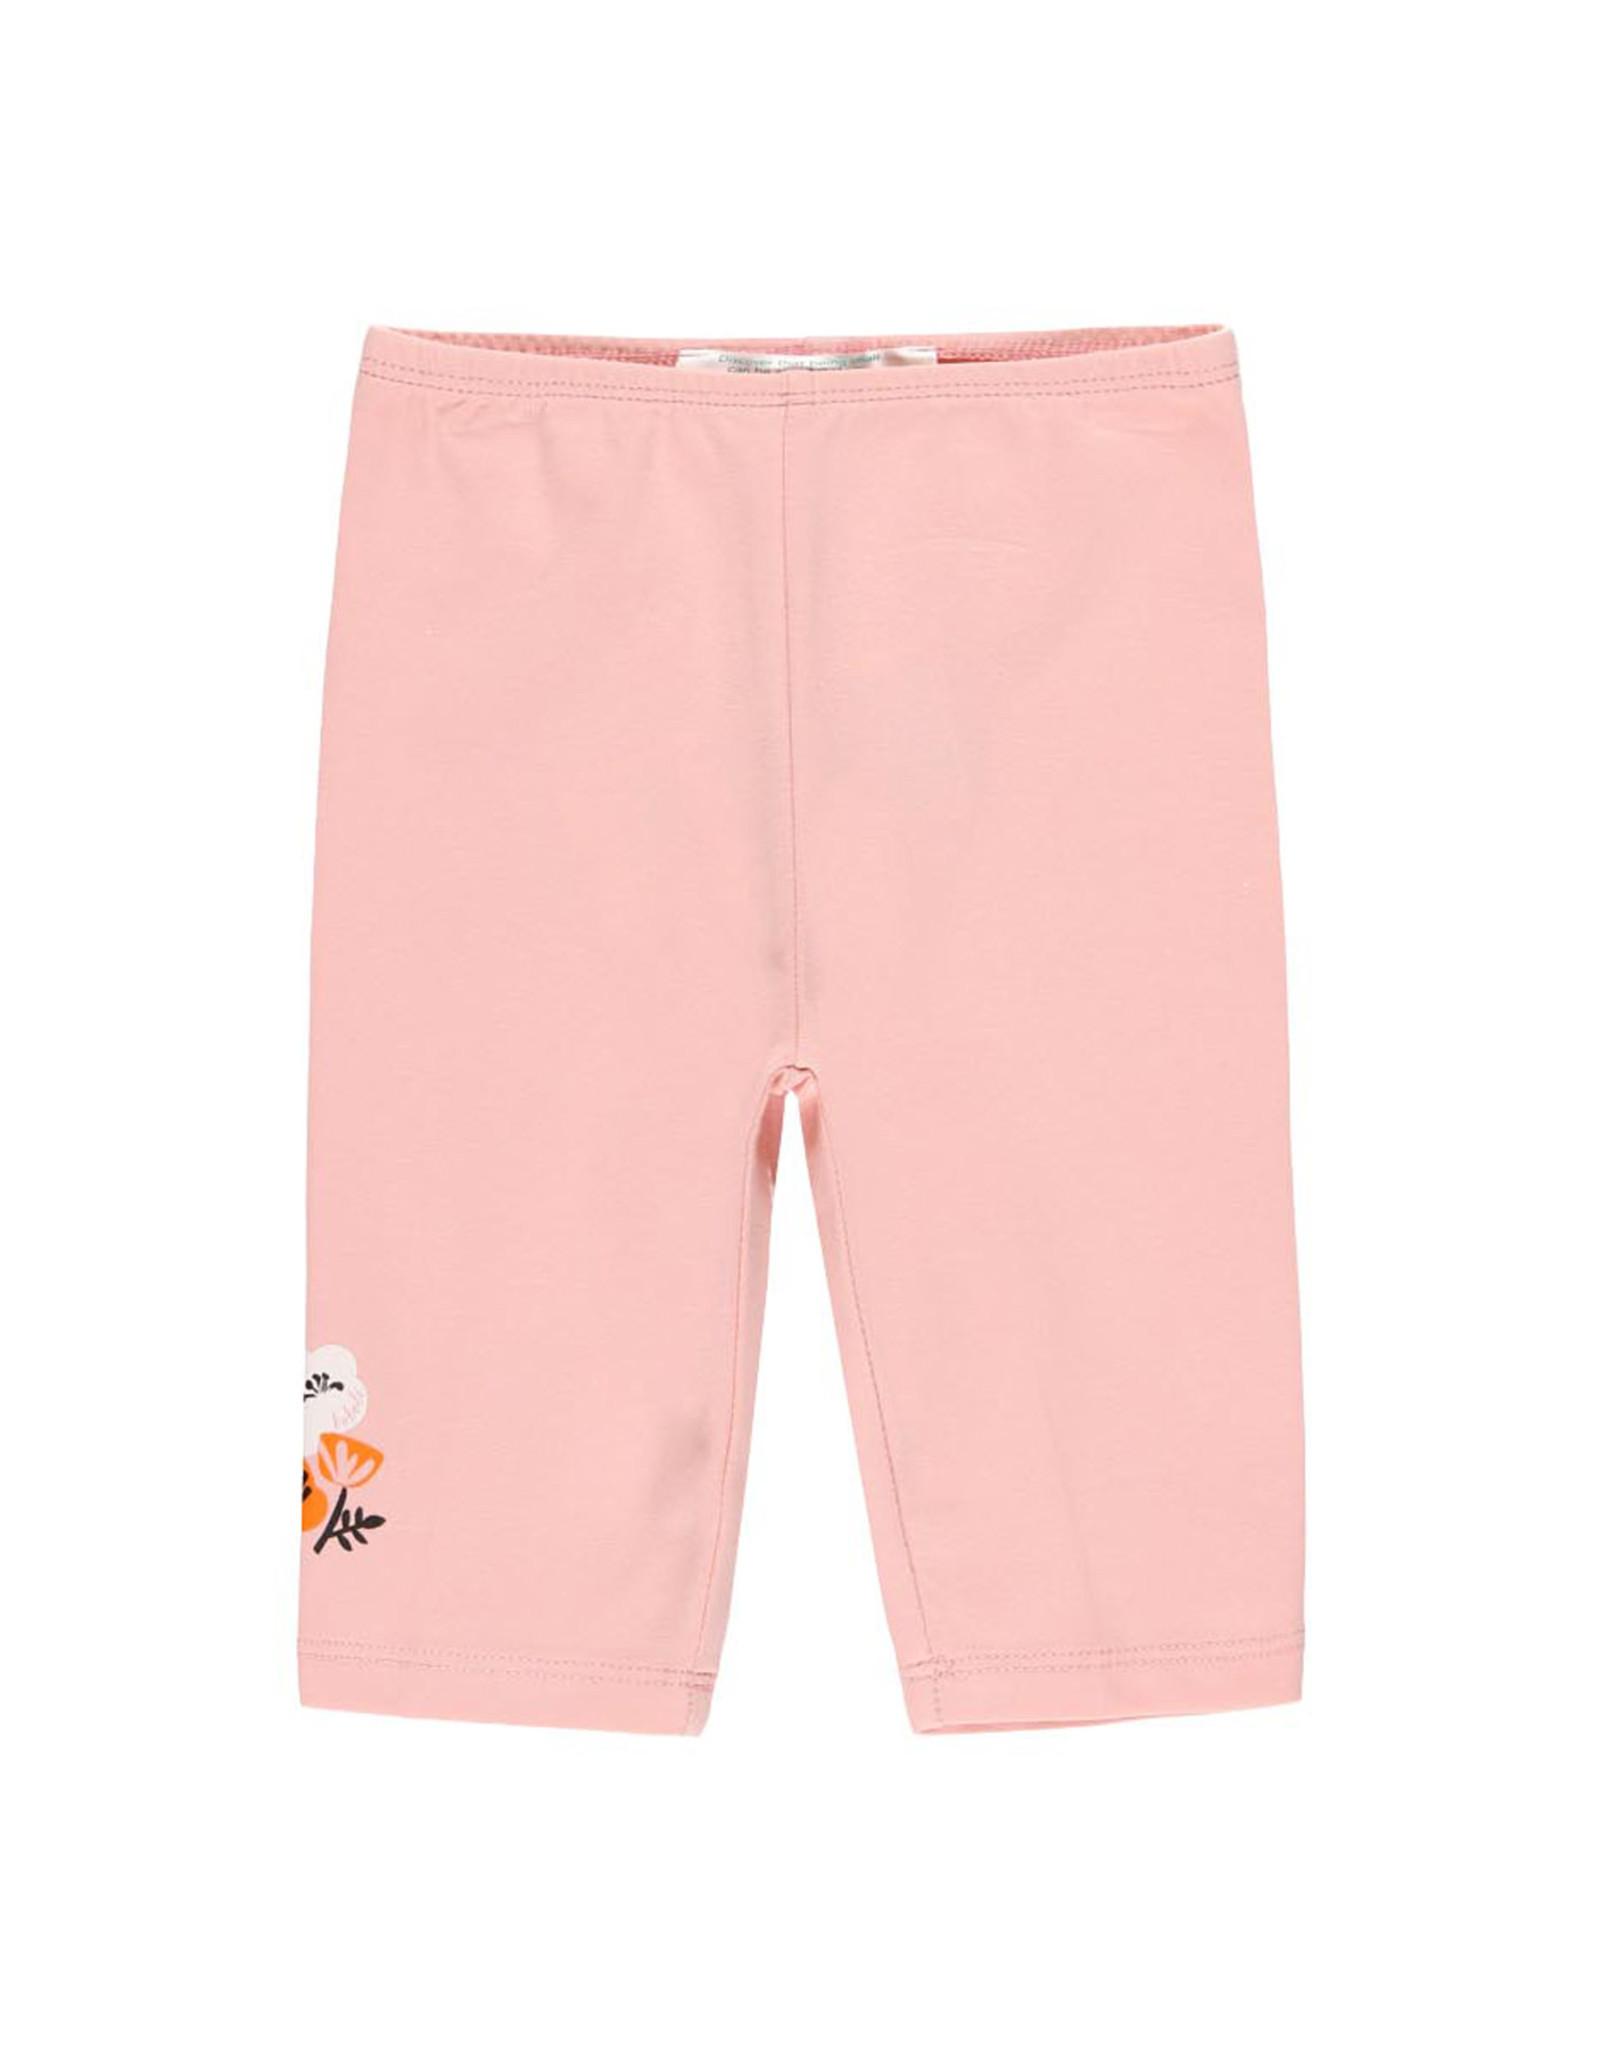 Boboli Pink Capri Leggings, Flower Detail